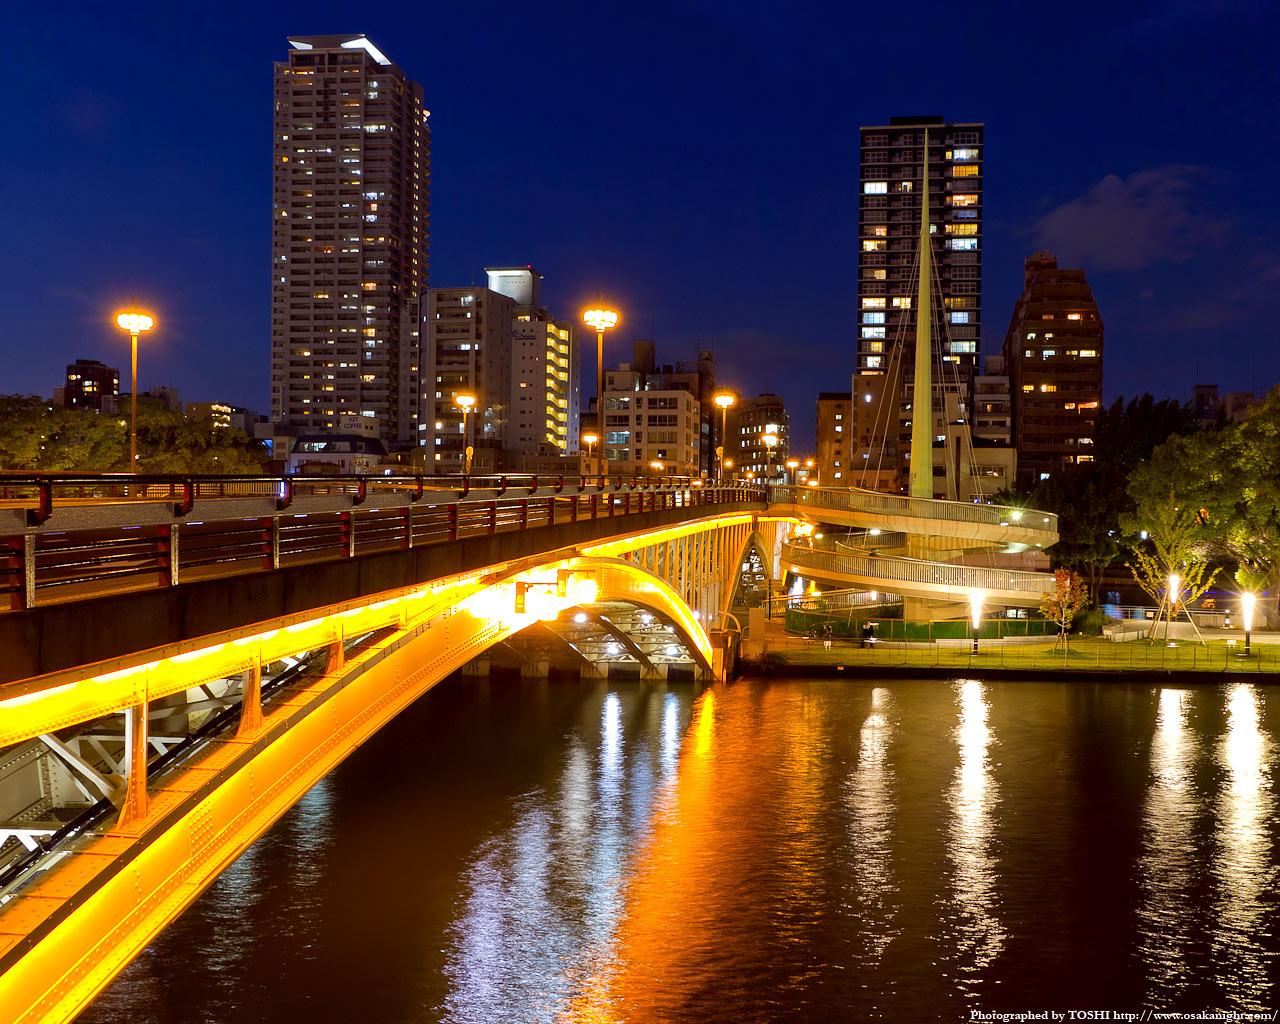 天神橋のライトアップ夜景3